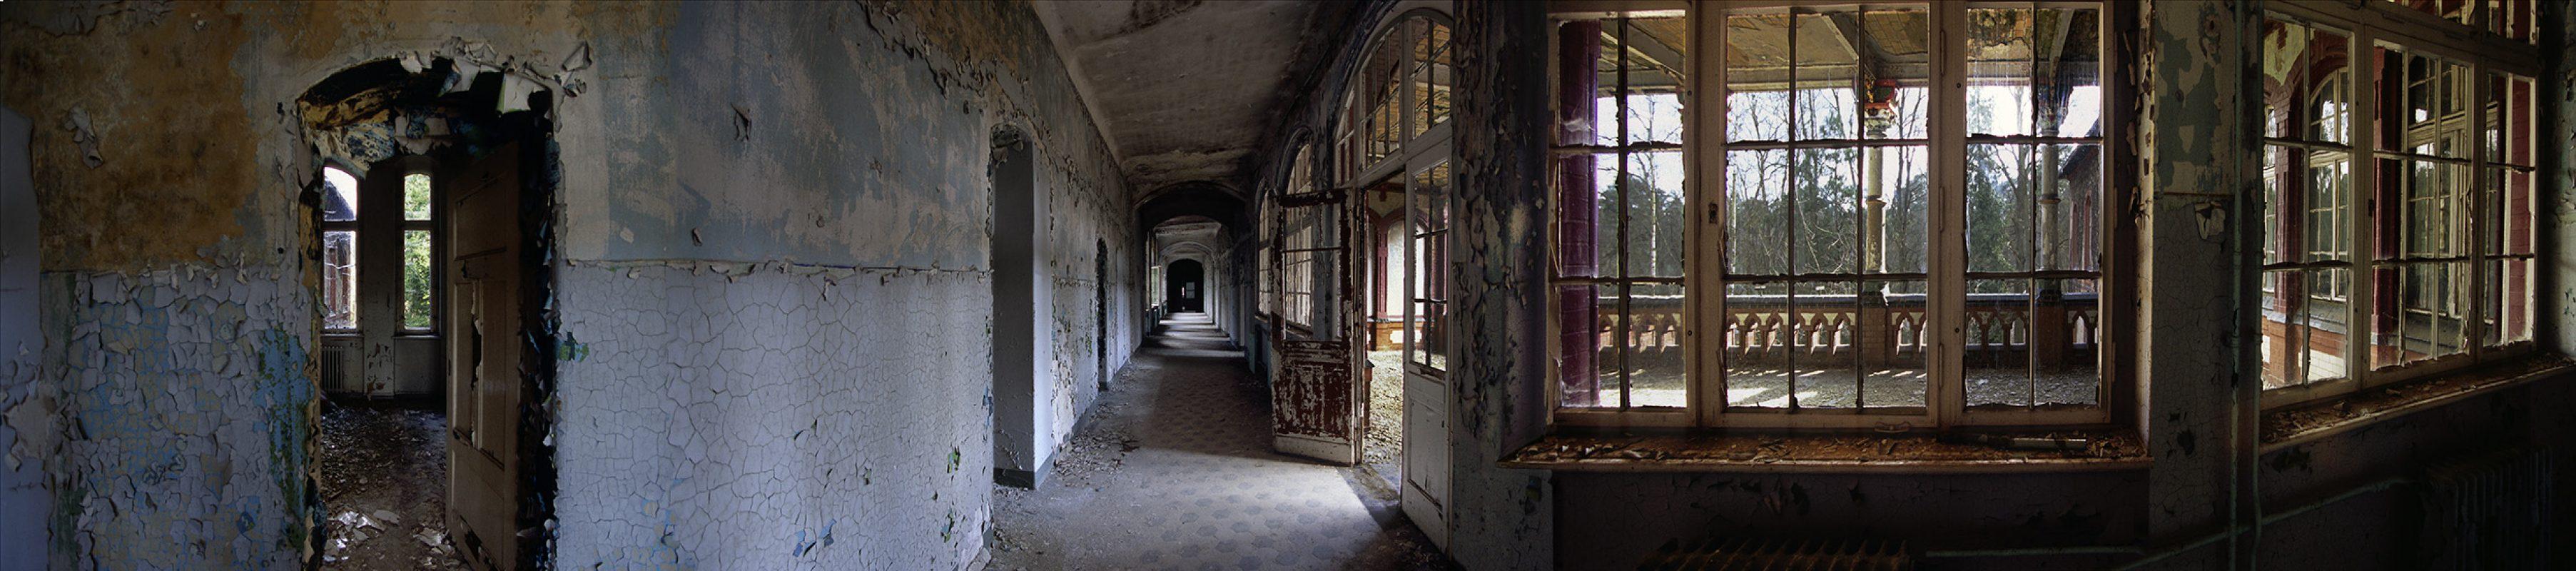 Beelitz-Heilstätten, grosse.veranda